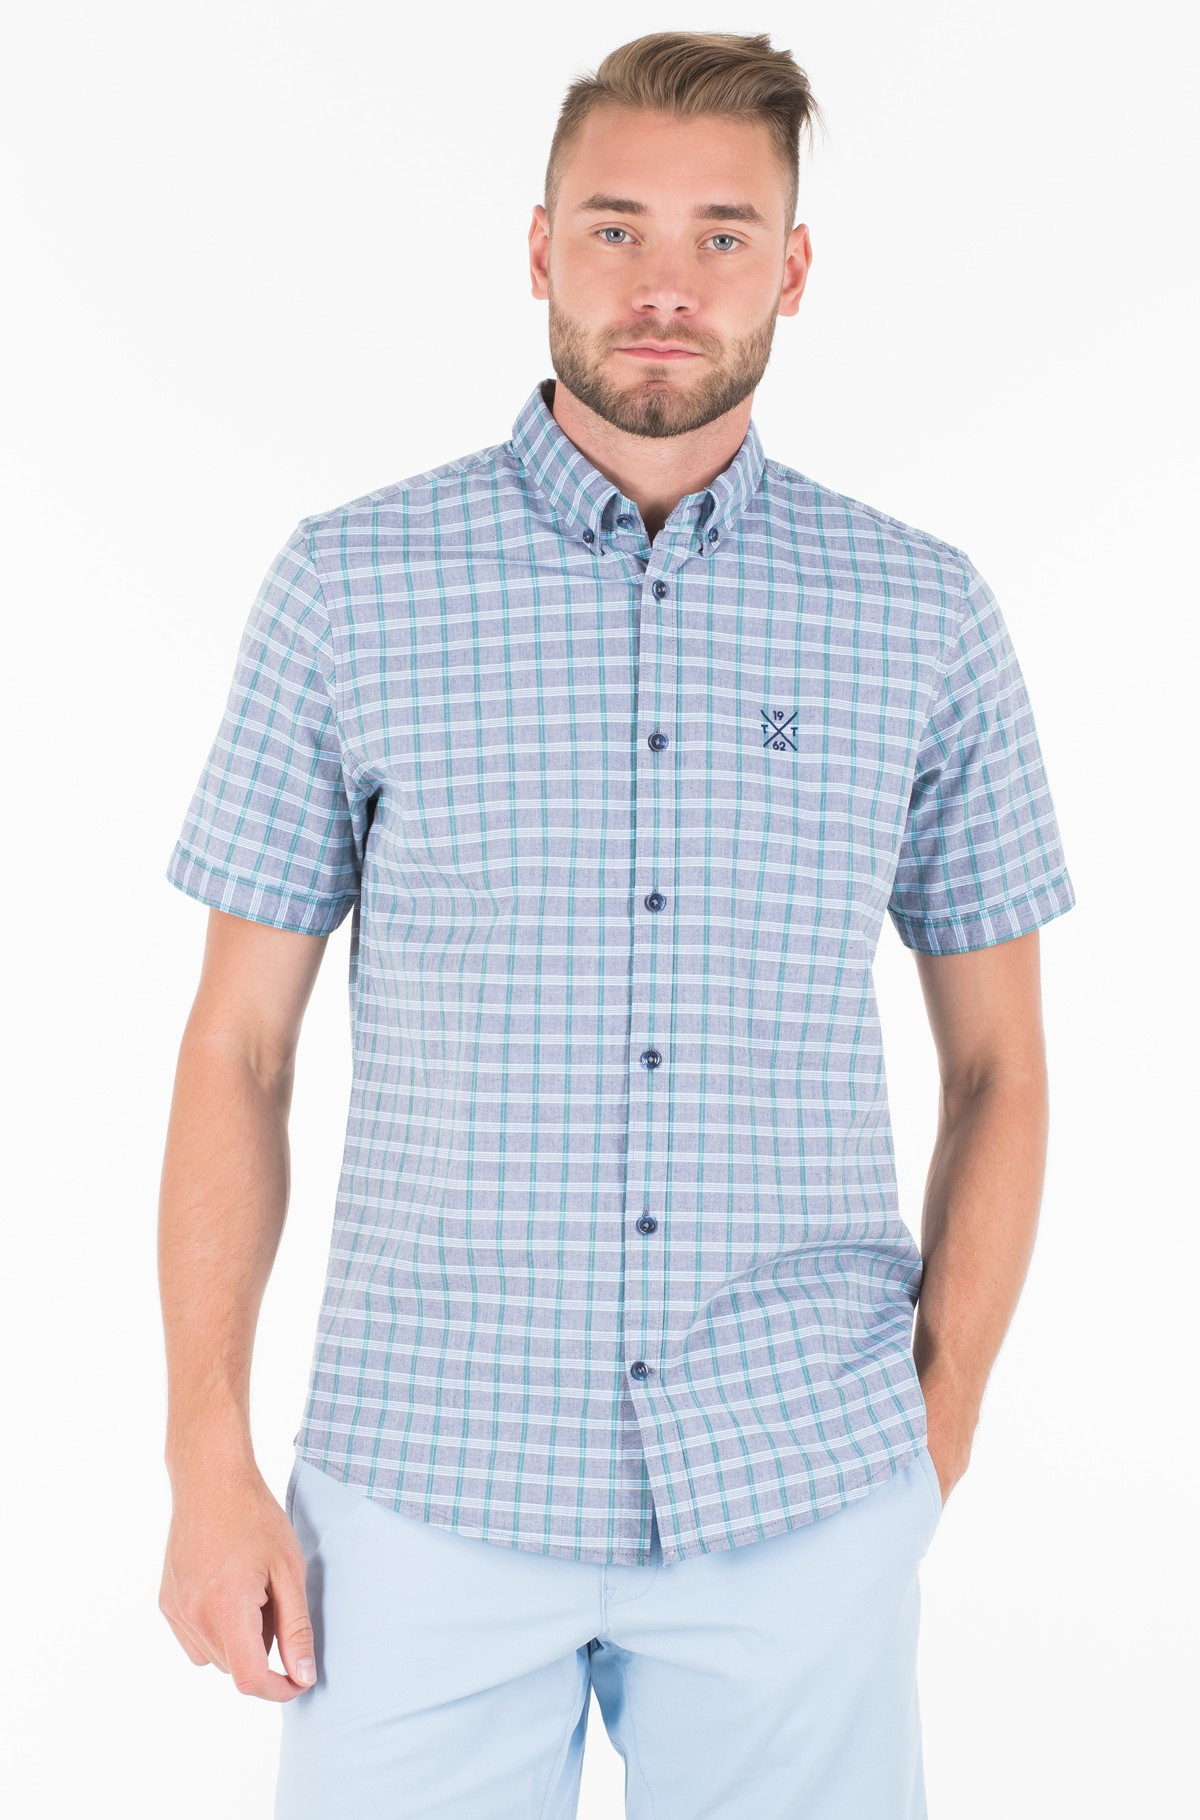 Marškiniai su trumpomis rankovėmis 1010871-full-1